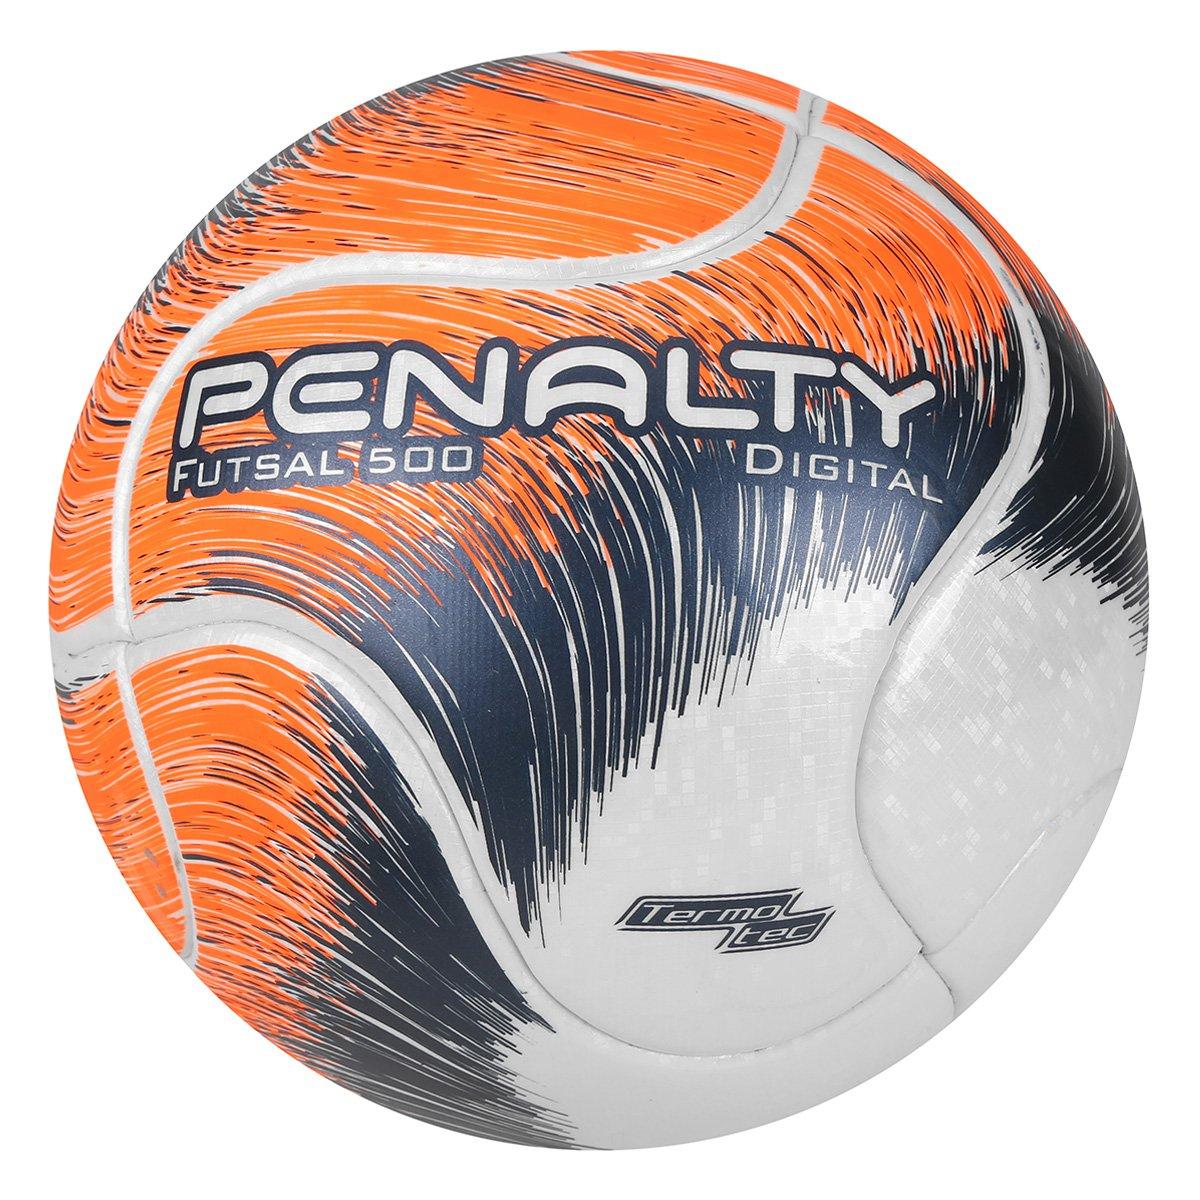 39aafb81e6805 Bola Futsal Penalty Digital 500 Termotec VIII - Branco e Laranja - Compre  Agora